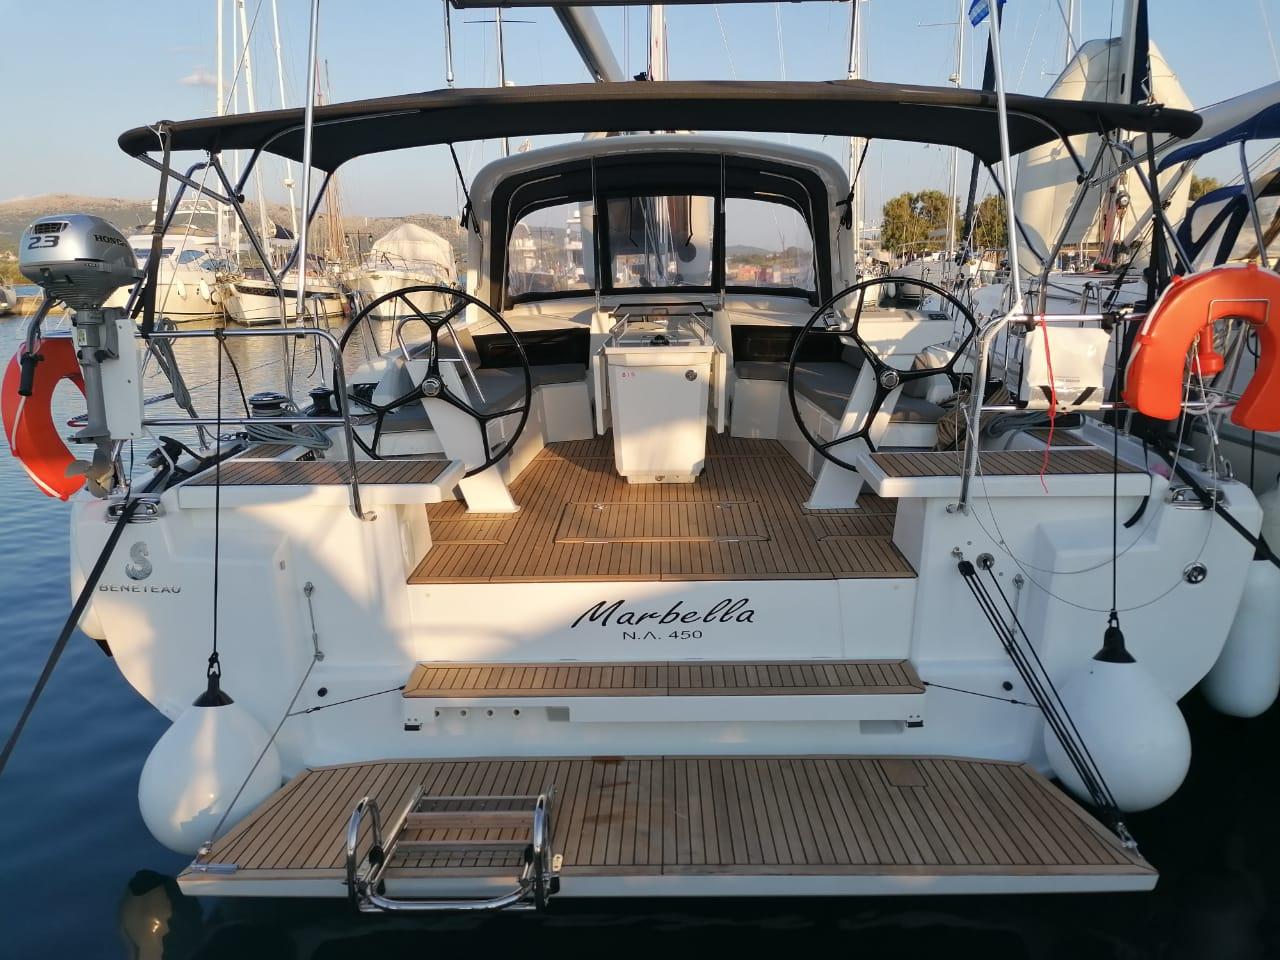 Oceanis 46.1 (Marbella )  - 2